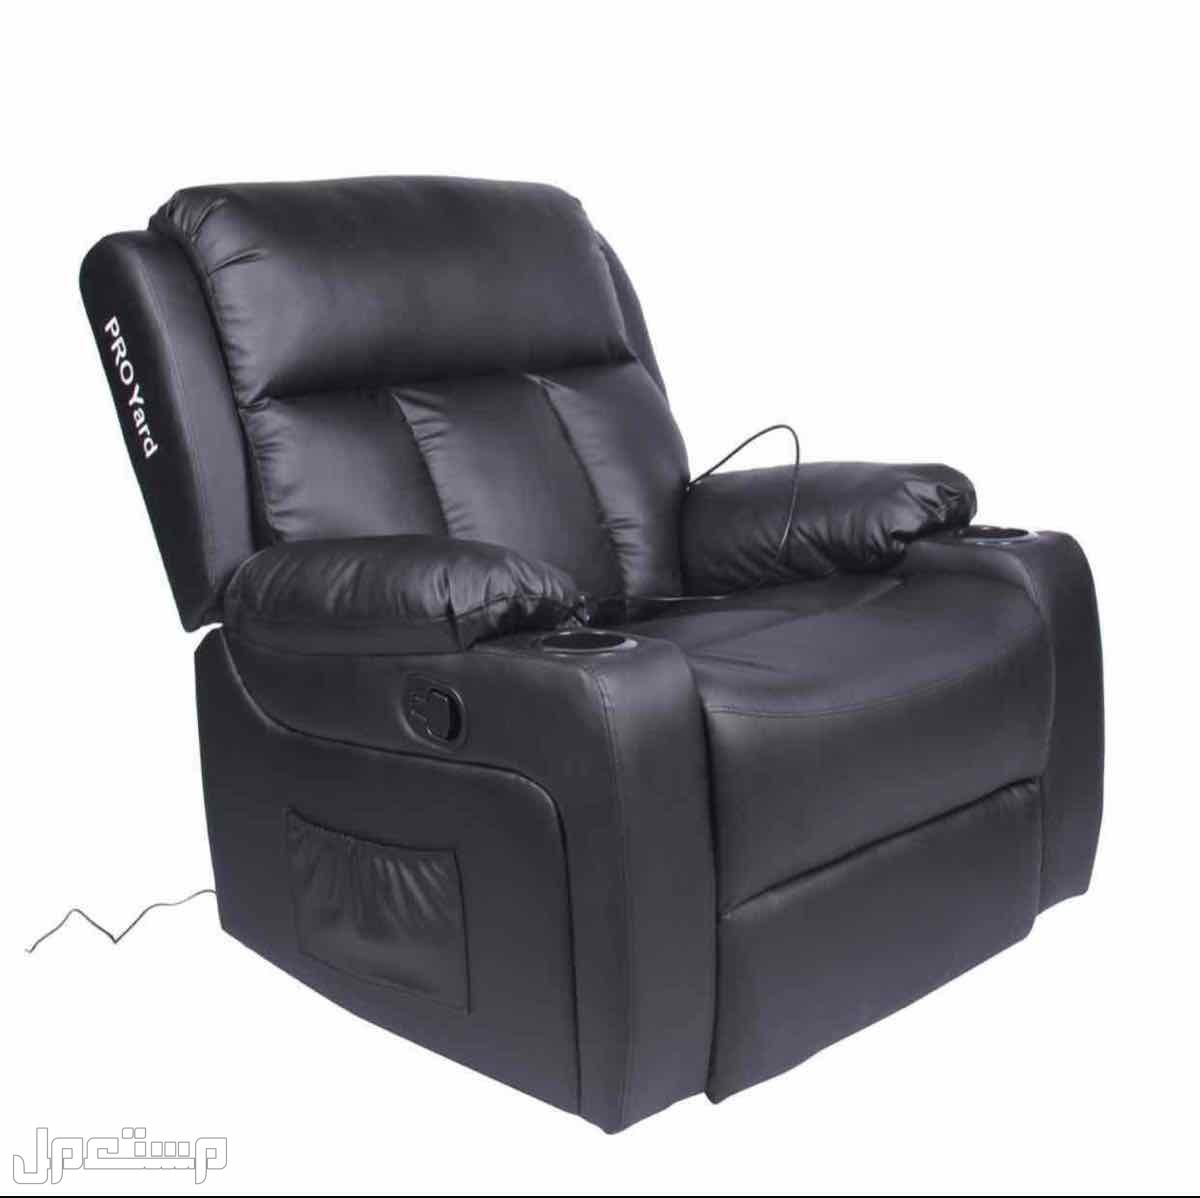 كرسي مساج كرسي راحة واسترخاء